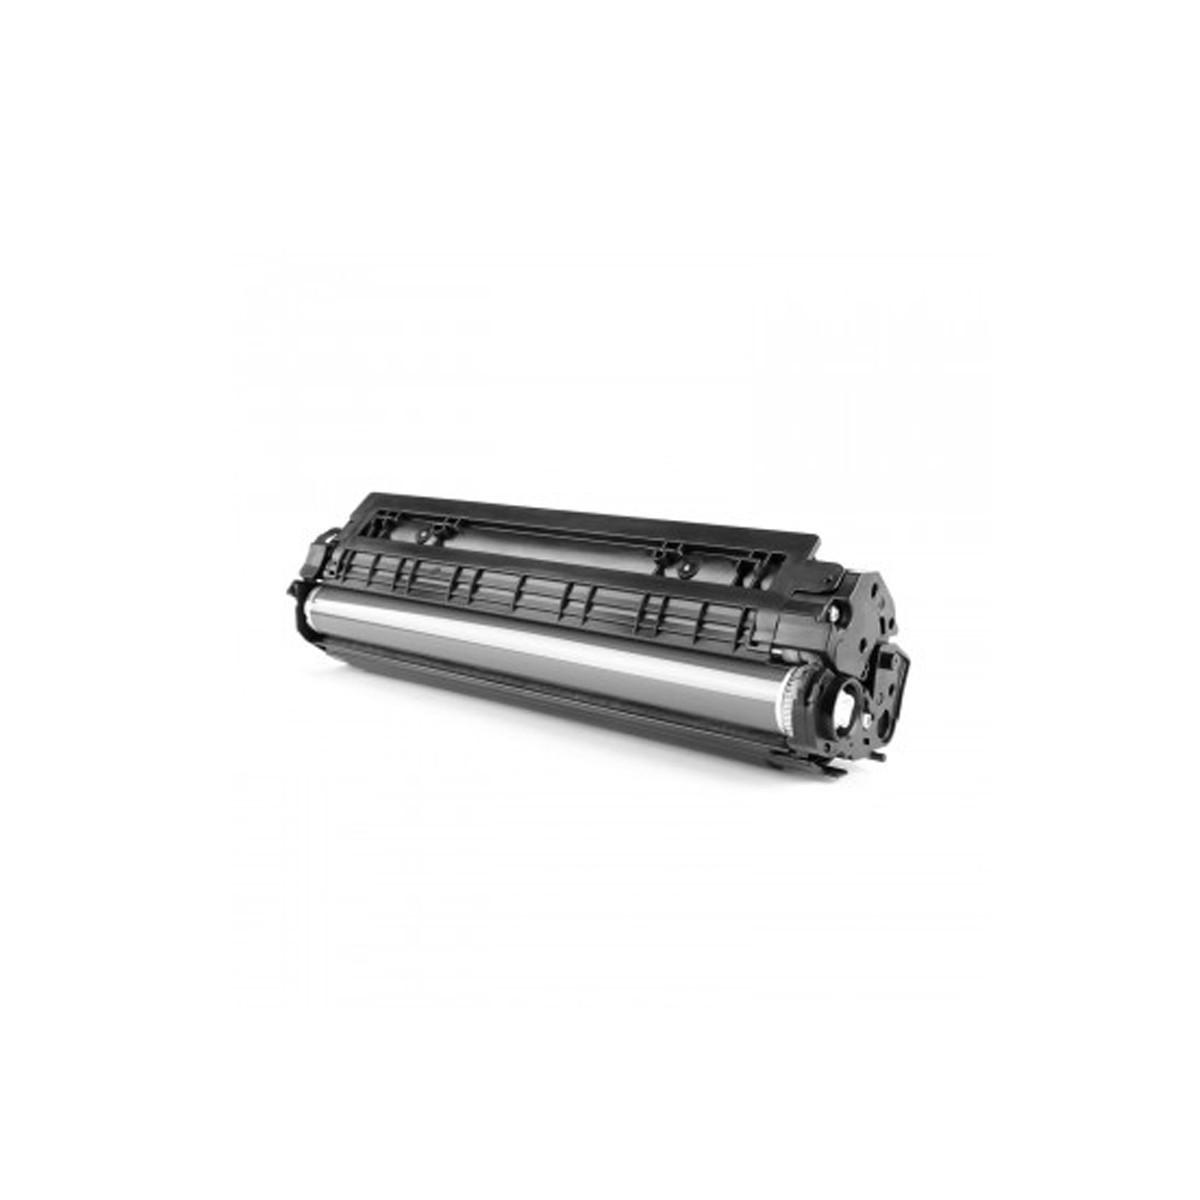 Toner HP W9008MC 9008MC   E50145dn E52645dn E52645c   Original 23k